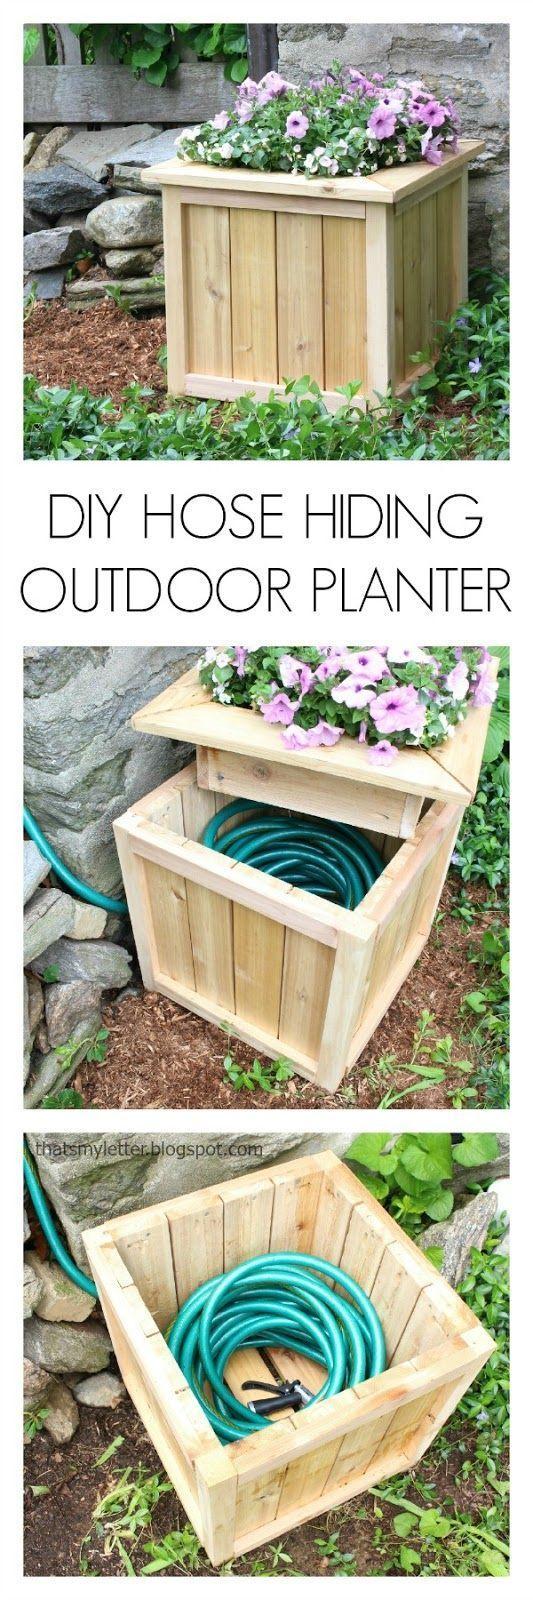 Genius! A planter that hides your hose!  /// Genial, ein Blumenkübel, der gleichzeitig Euren Gartenschlauch verstaut. #DIY